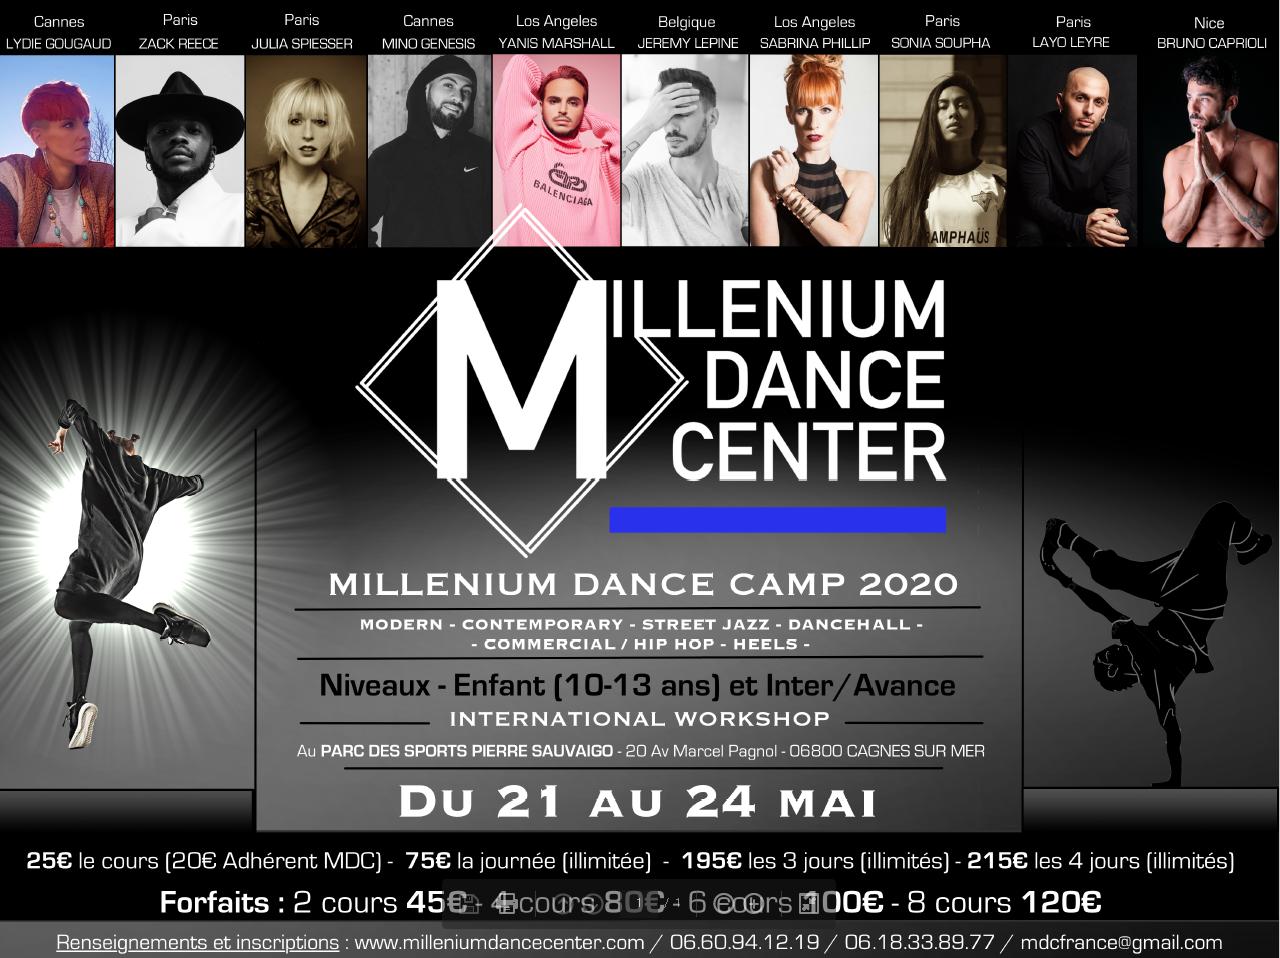 Millenium Dance Camp 2020